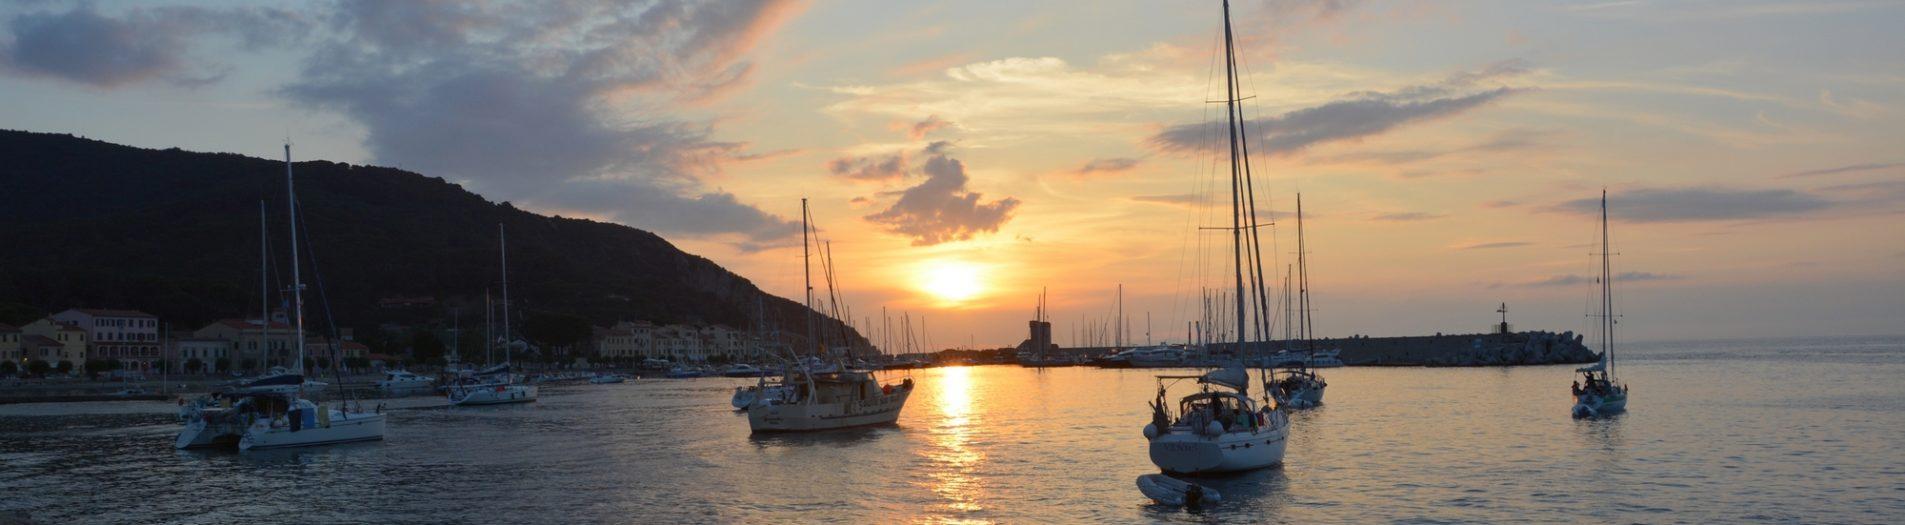 Breathtaking sunsets in Marciana Marina